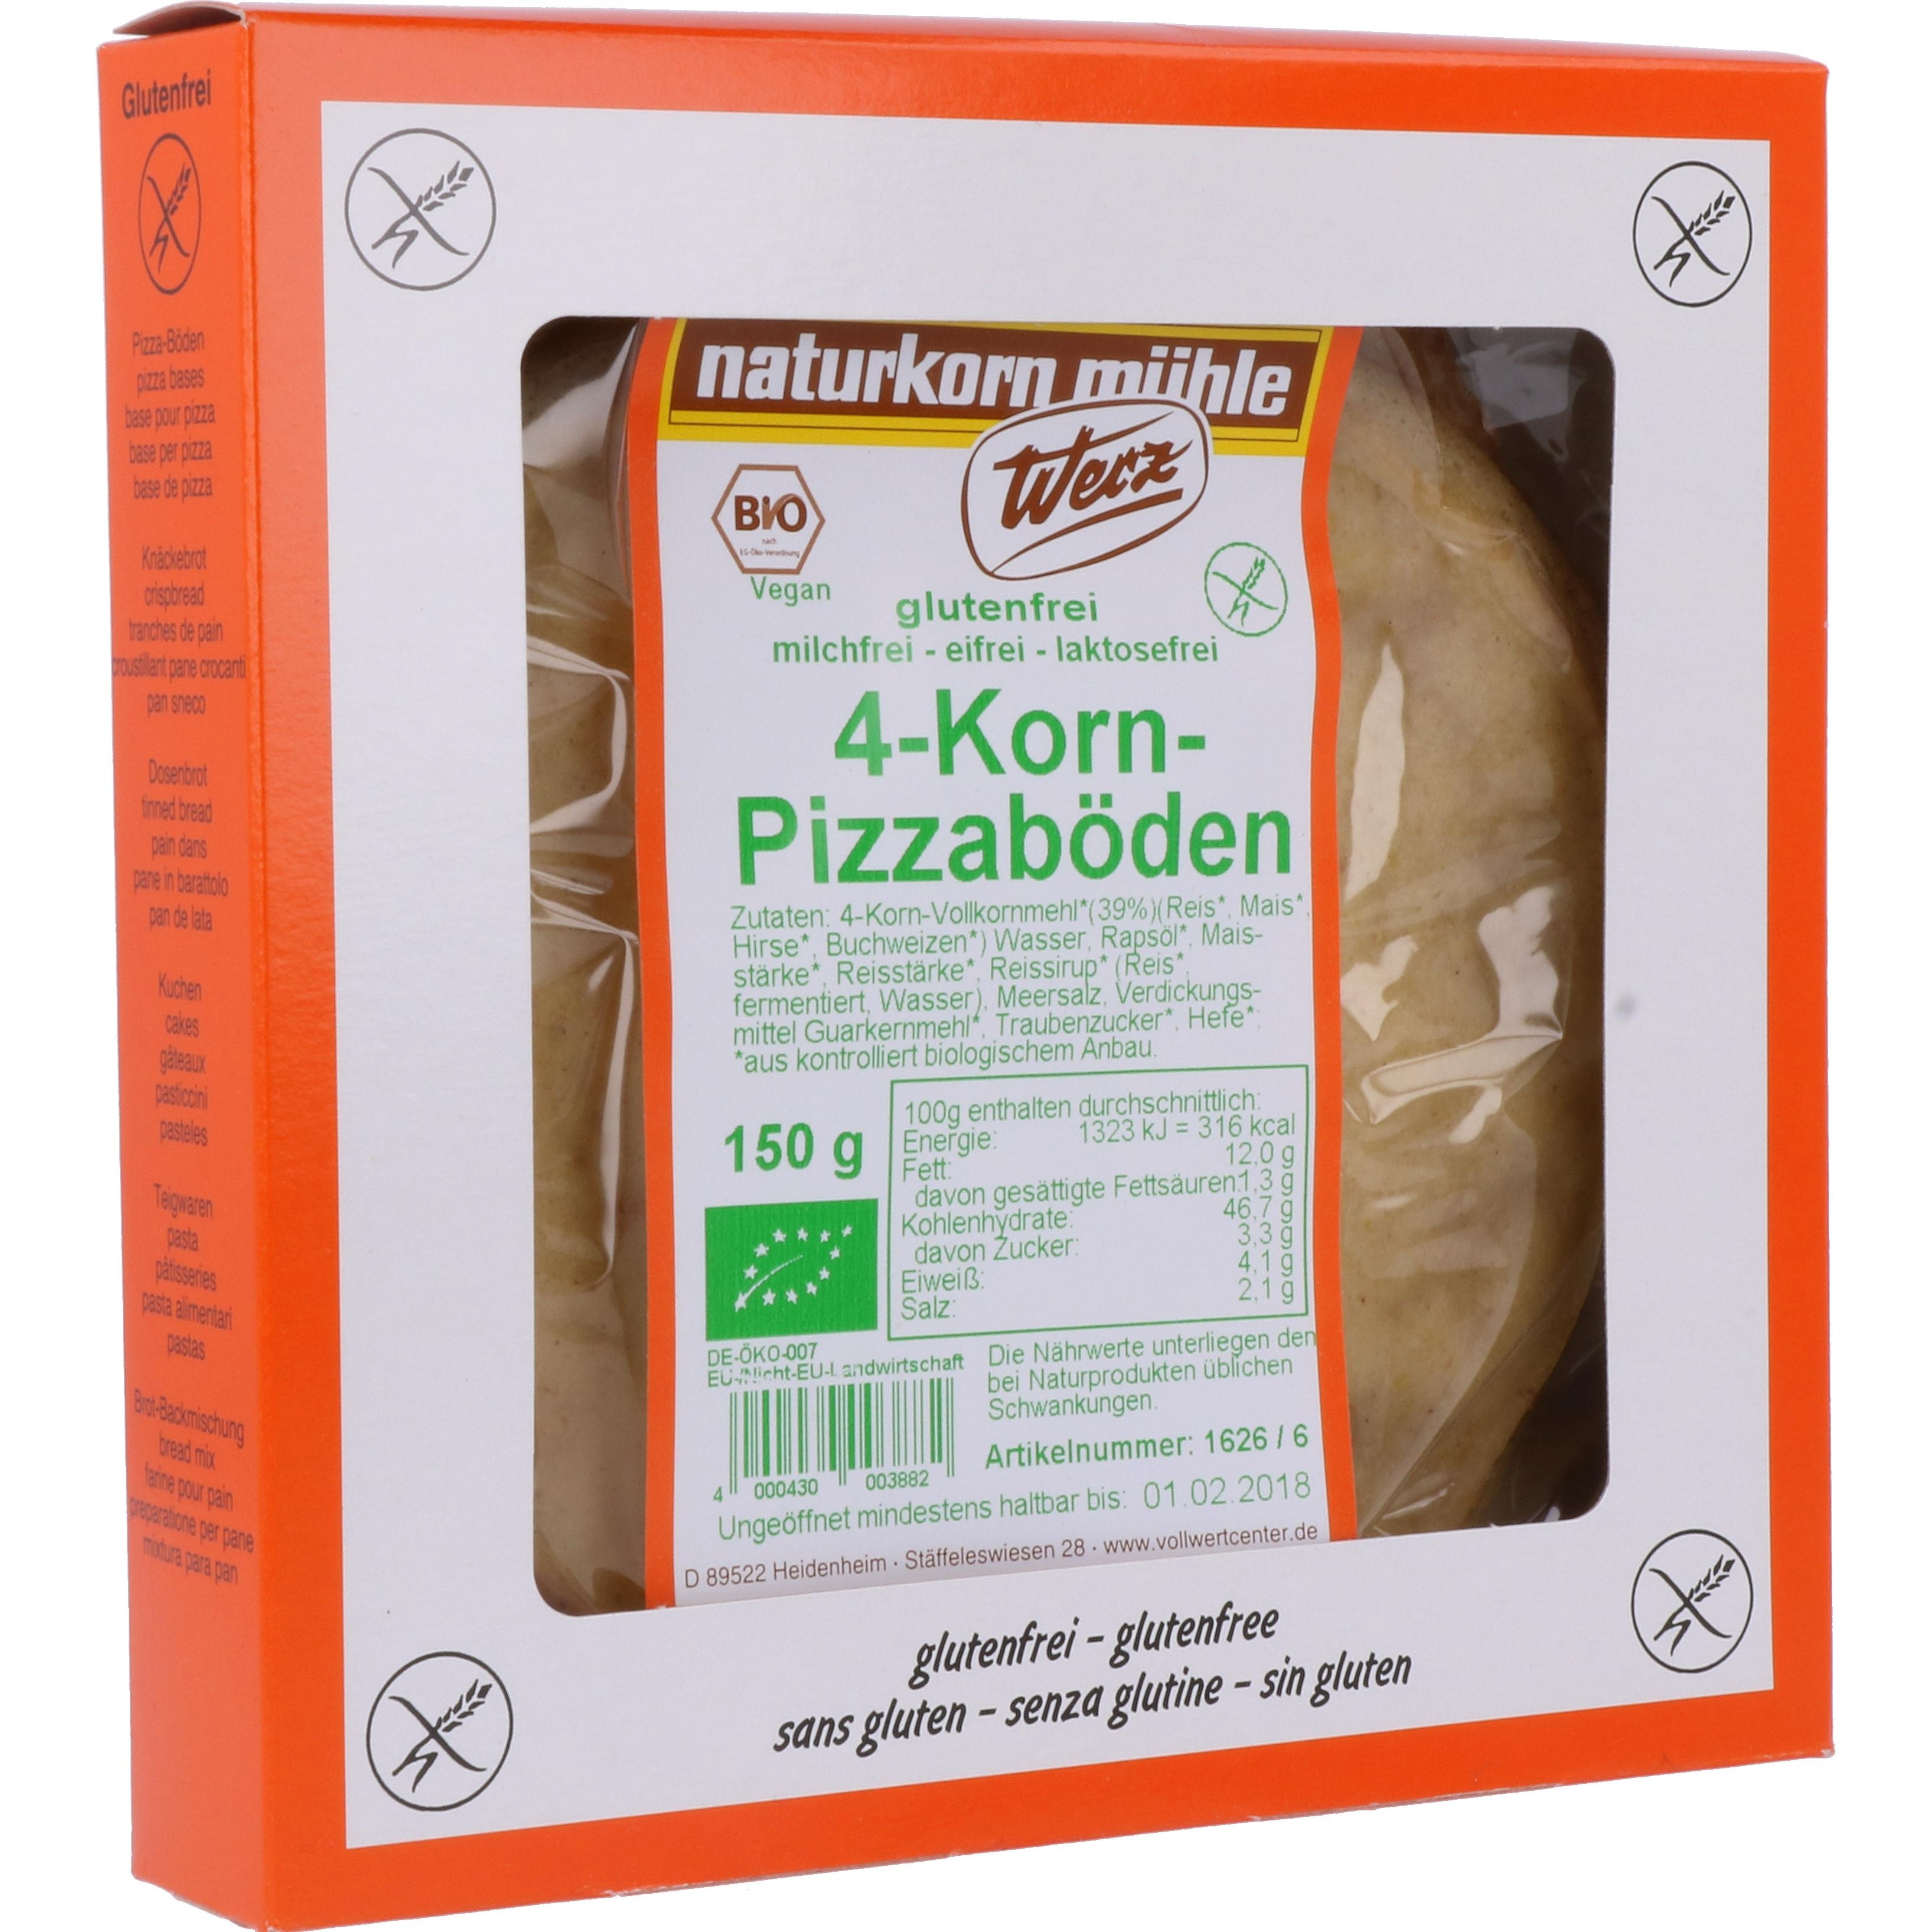 Werz Bio 4-Korn-Pizzaboden 150g